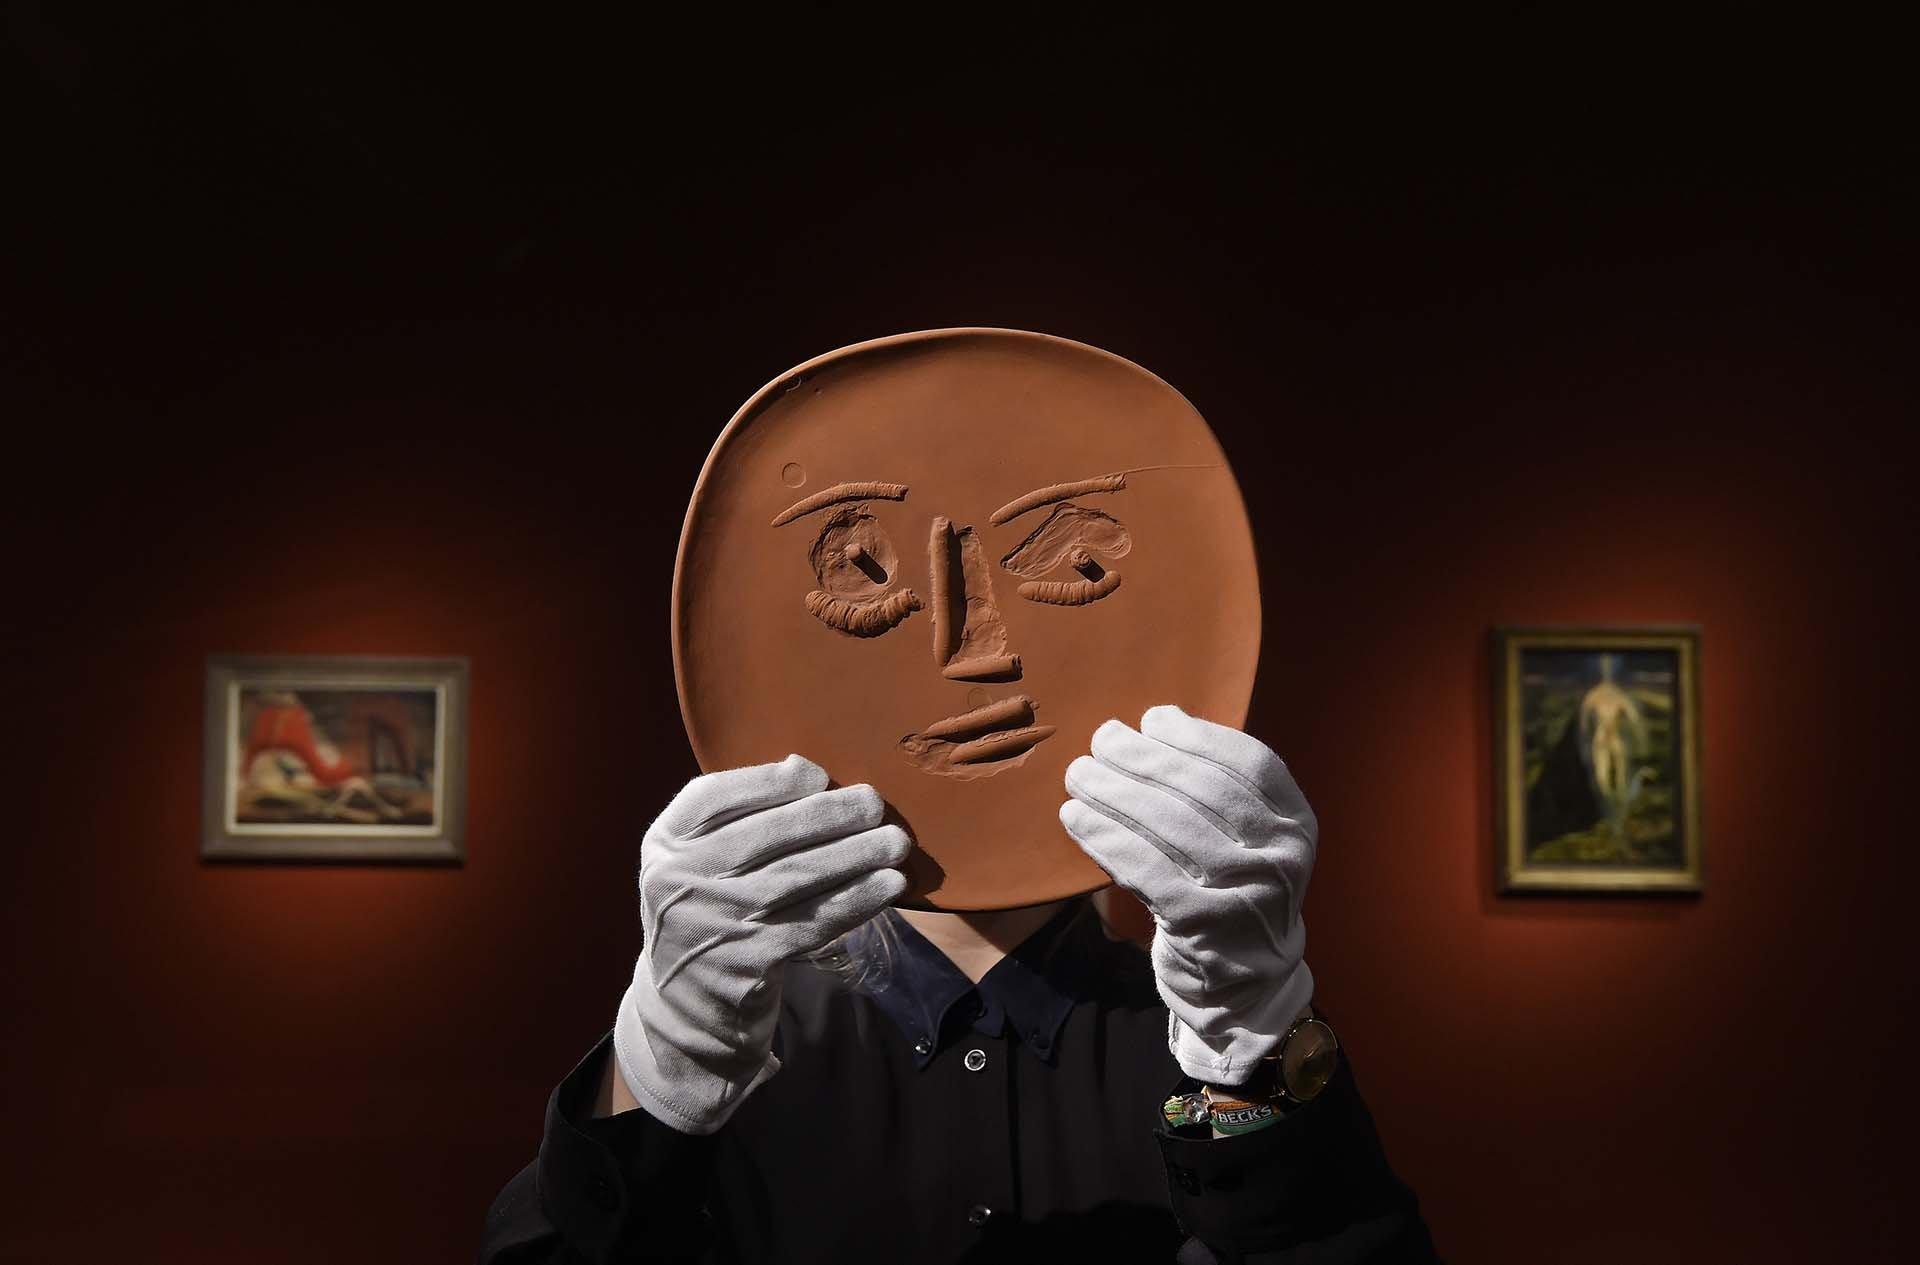 Este plato de cerámica de Picasso titulado Visage aux grands yeux forma parte del lote de más de 150 piezas de arte de la antigua casa familiar de Londres del músico británico Sting y su esposa, la actriz británica Trudie Styler